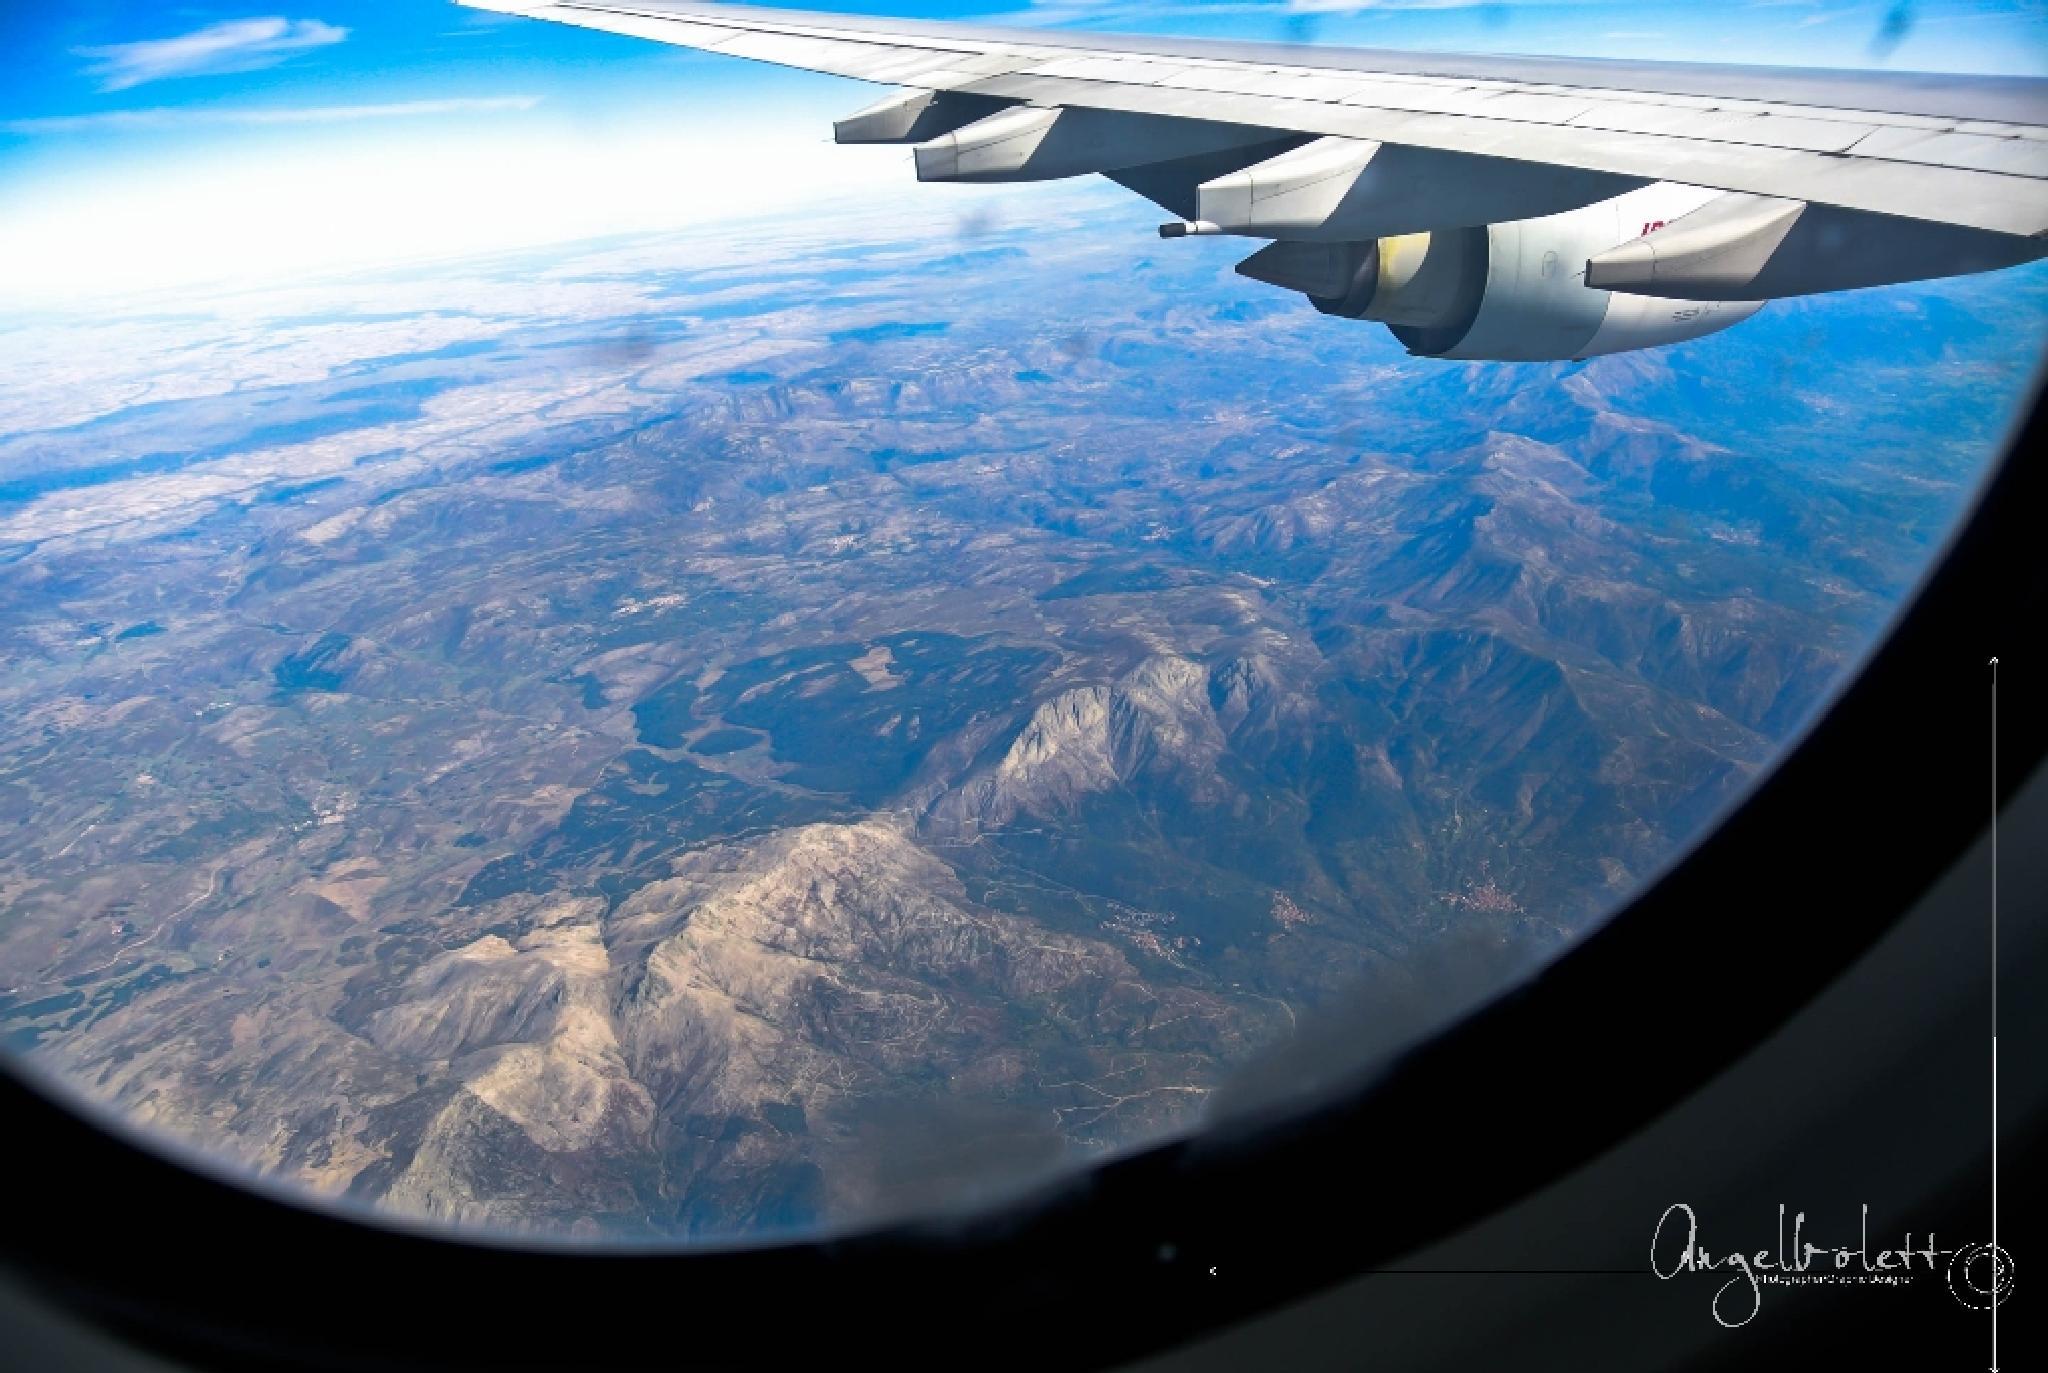 Arriving in... Spain by Angel Bolet